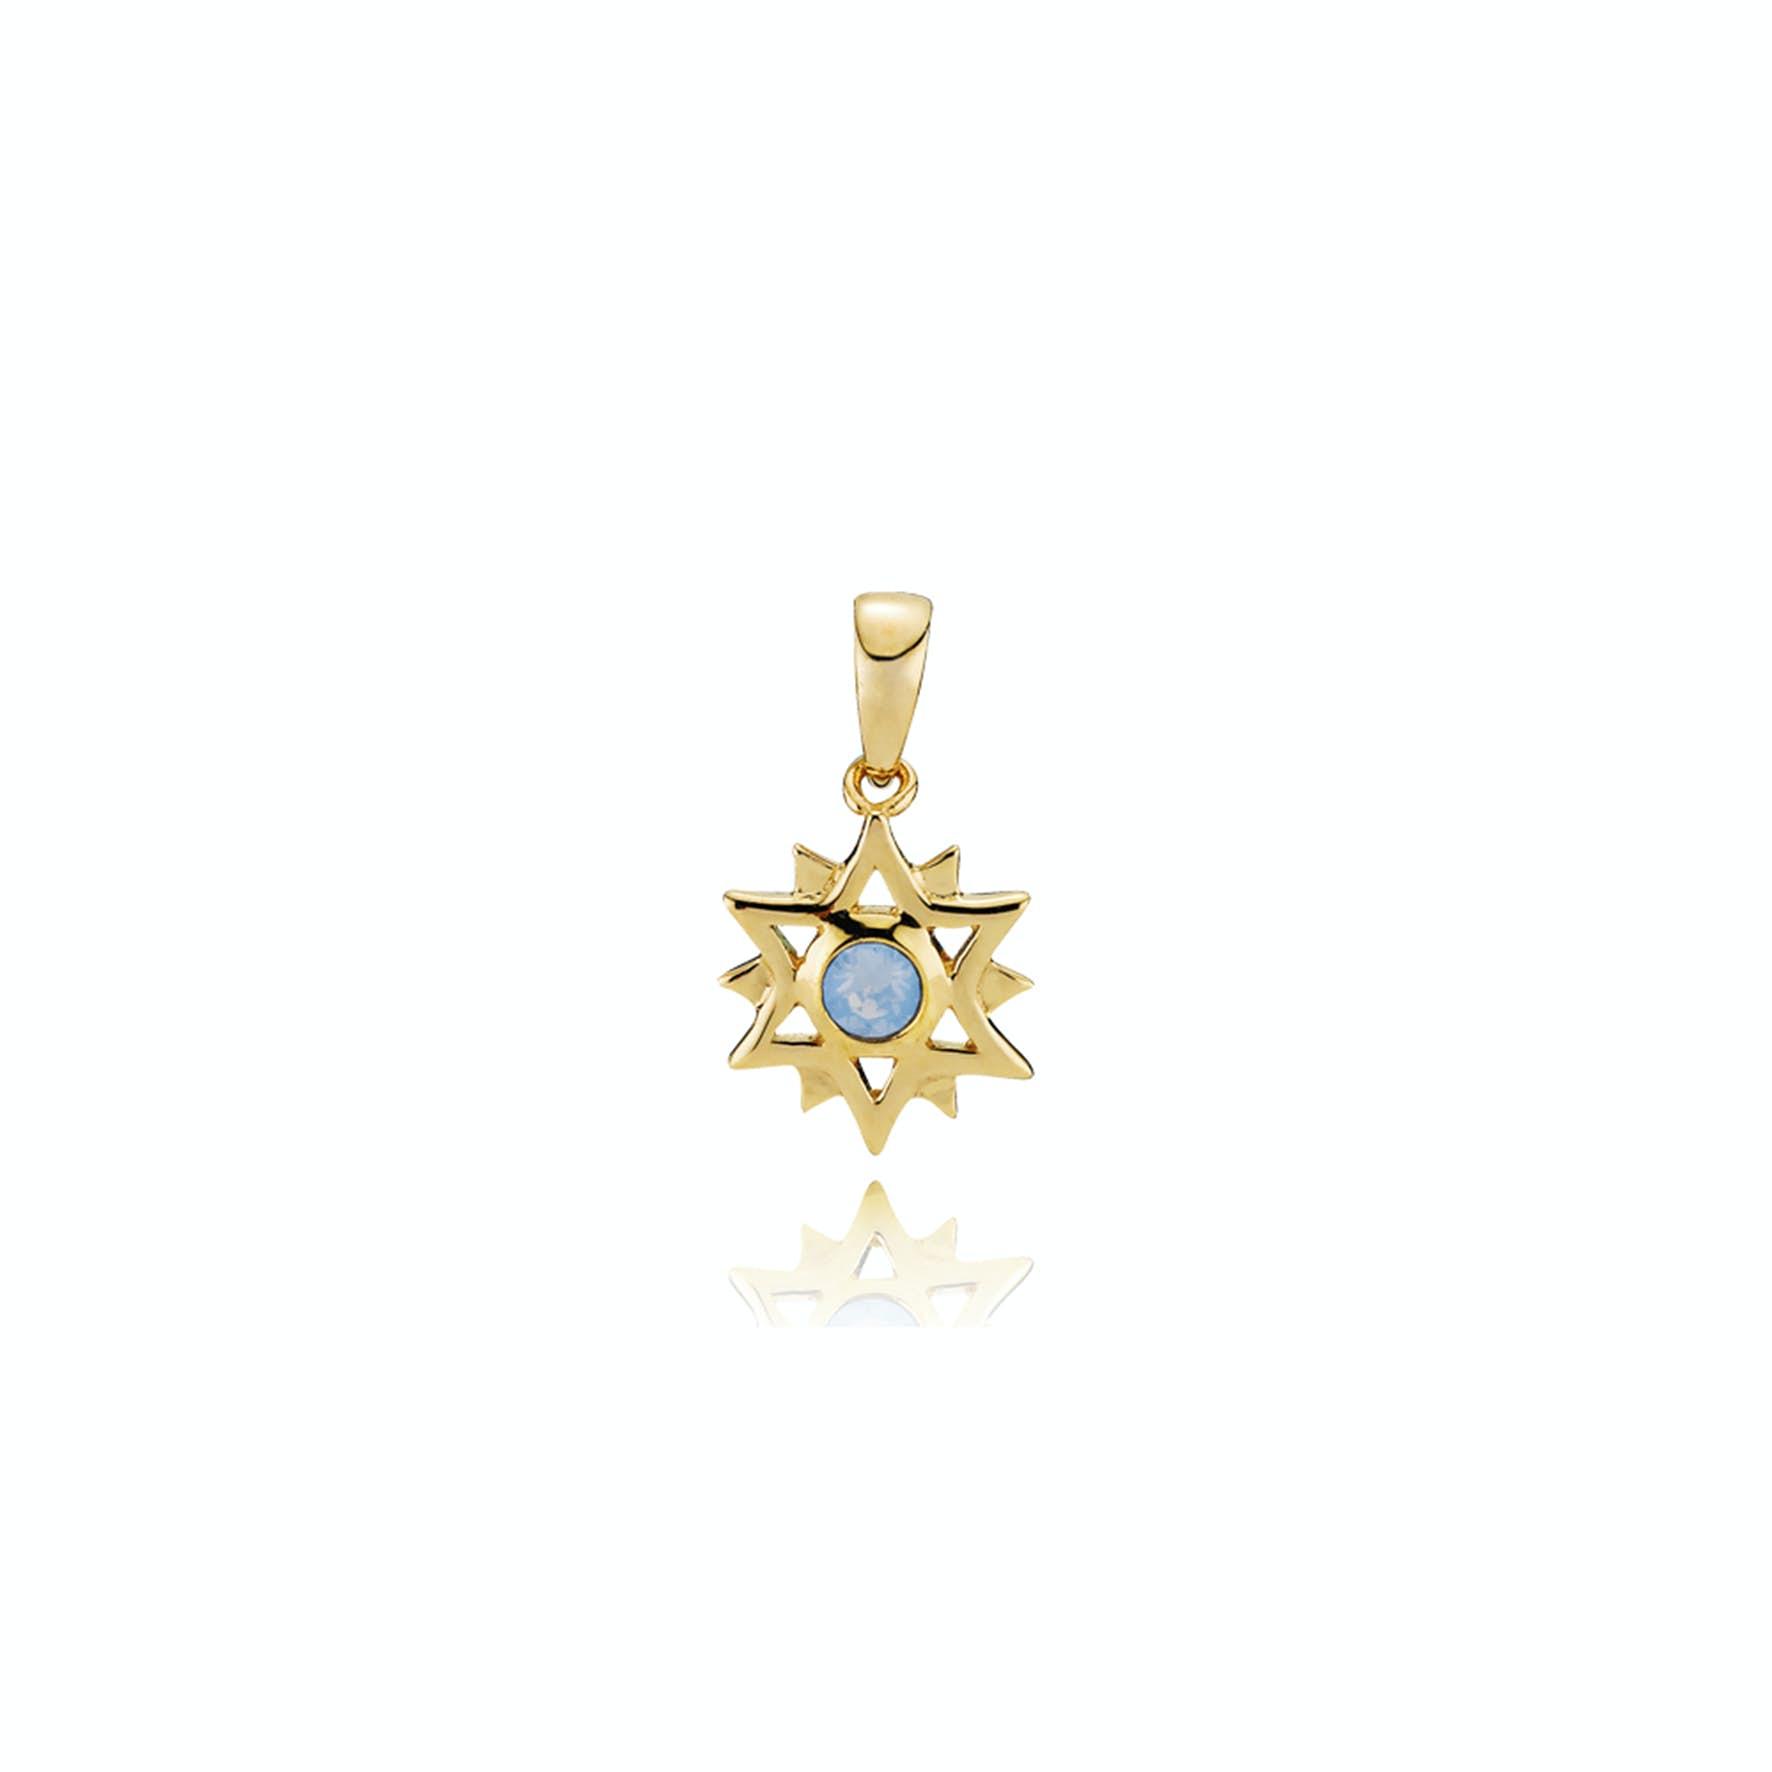 Olivia By Sistie Pendant fra Sistie i Forgyldt-Sølv Sterling 925